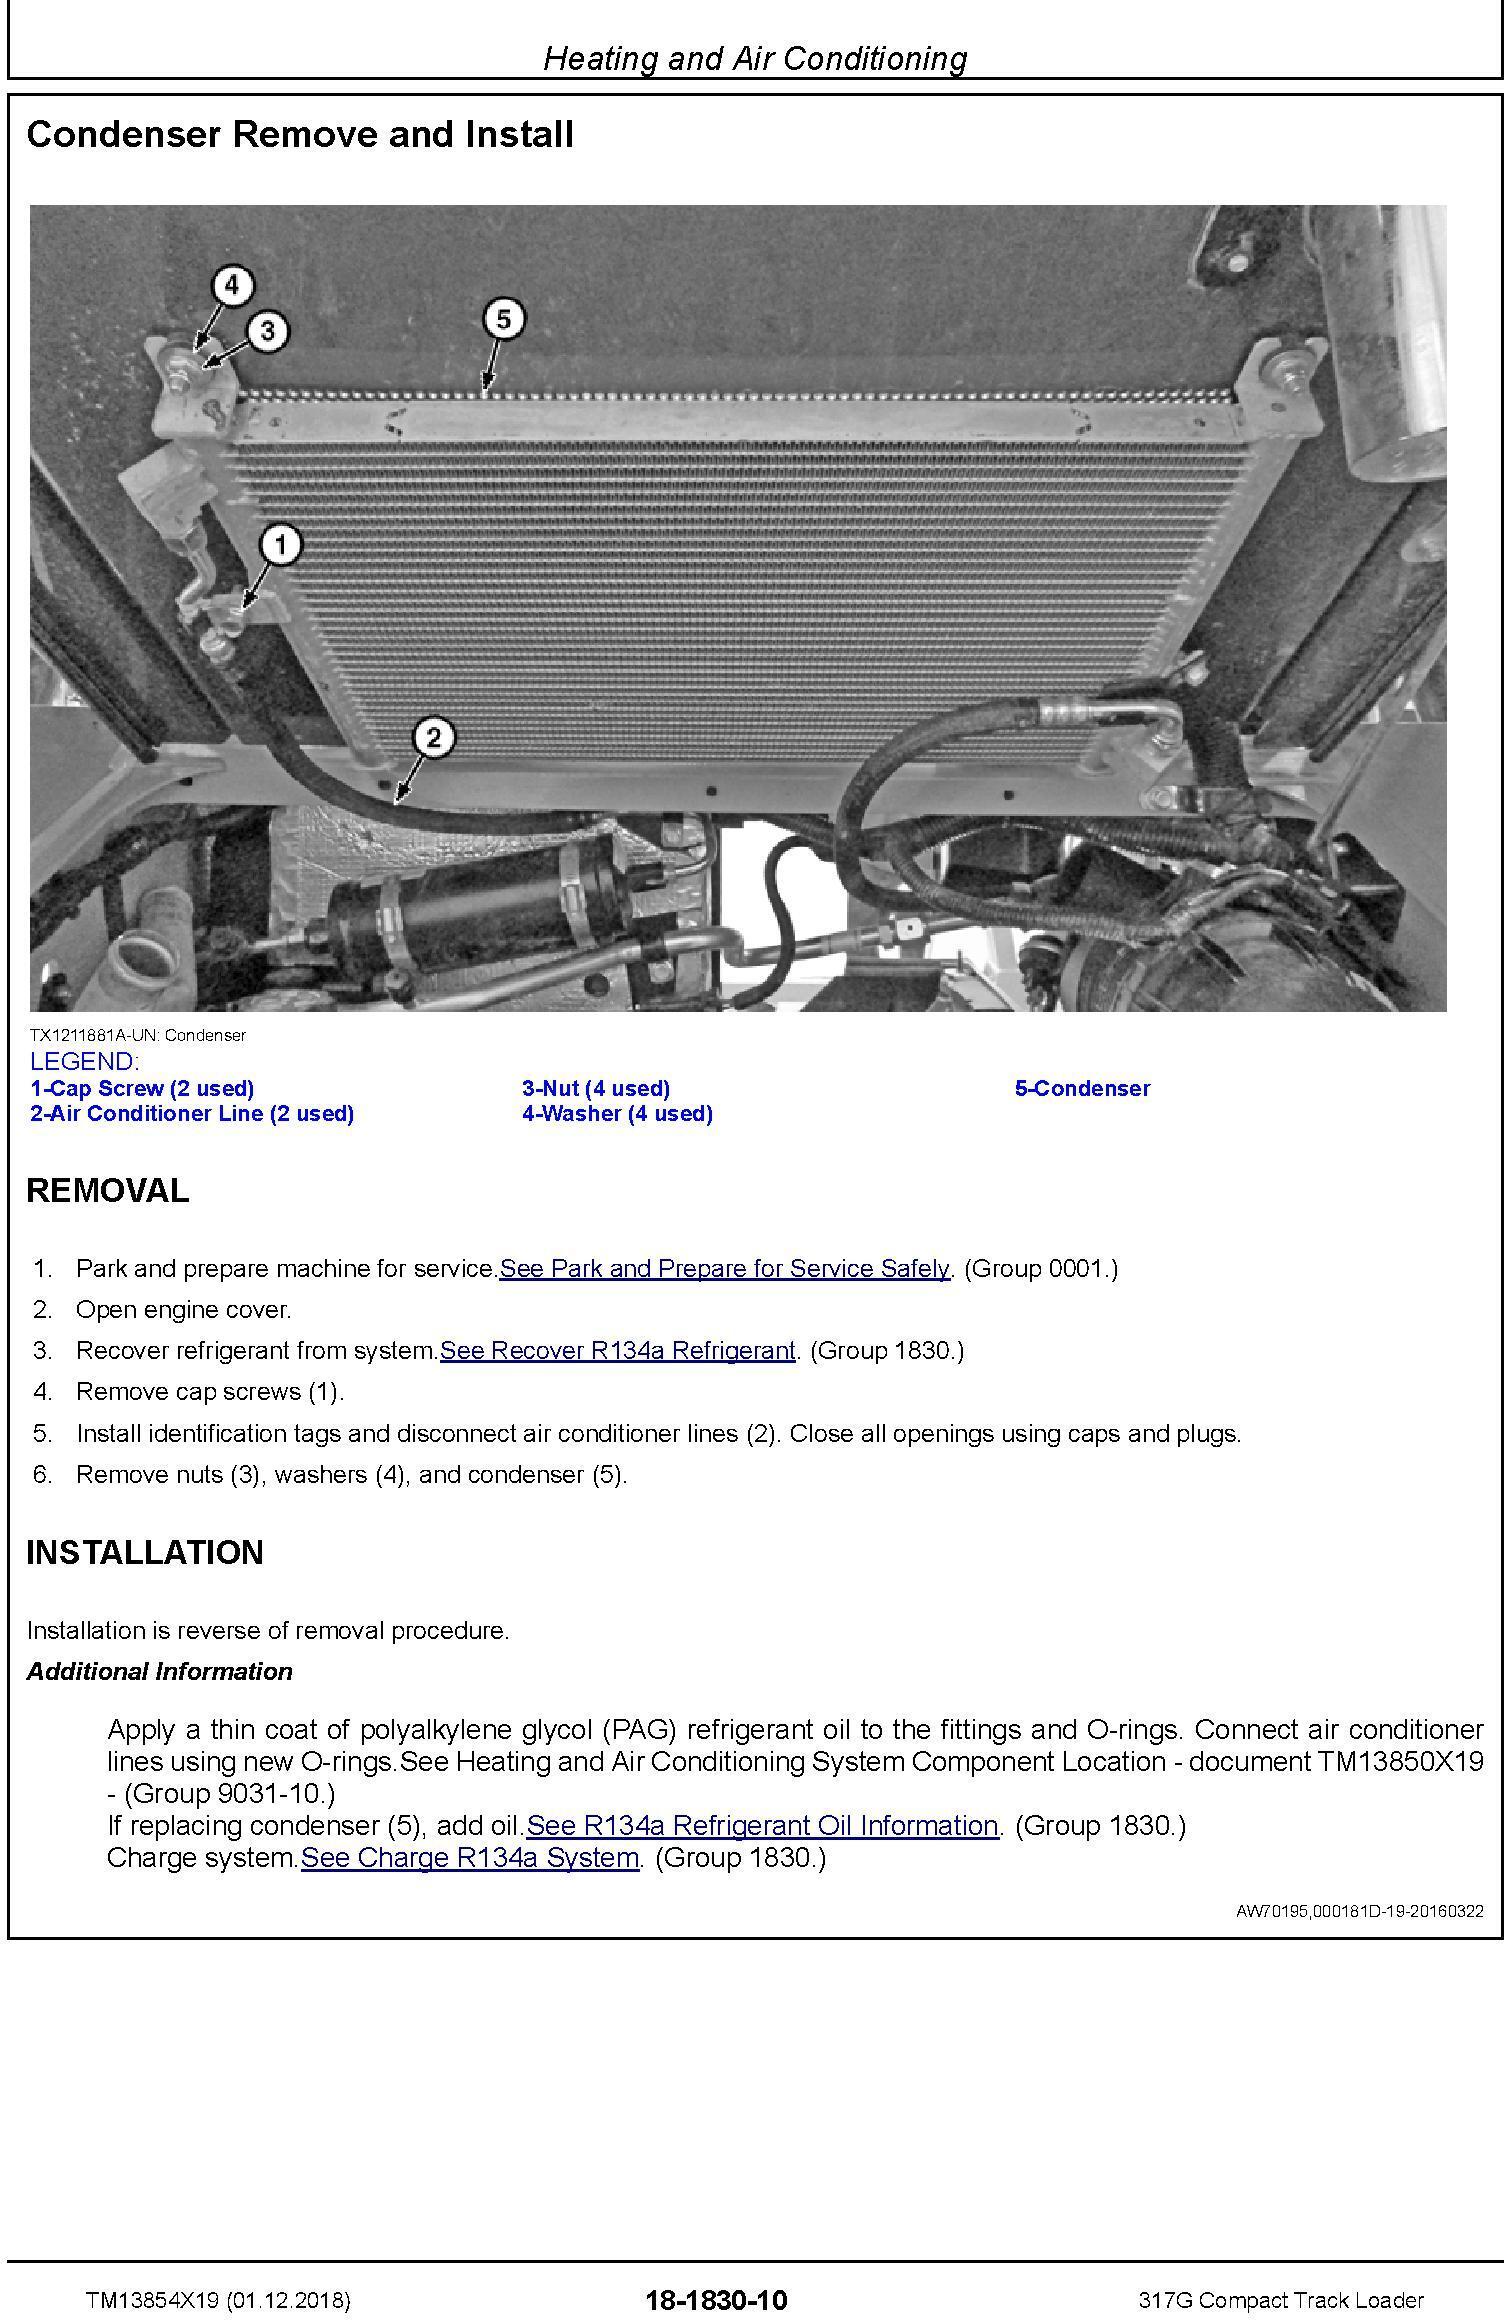 John Deere 317G Compact Track Loader Service Repair Manual (TM13854X19) - 3